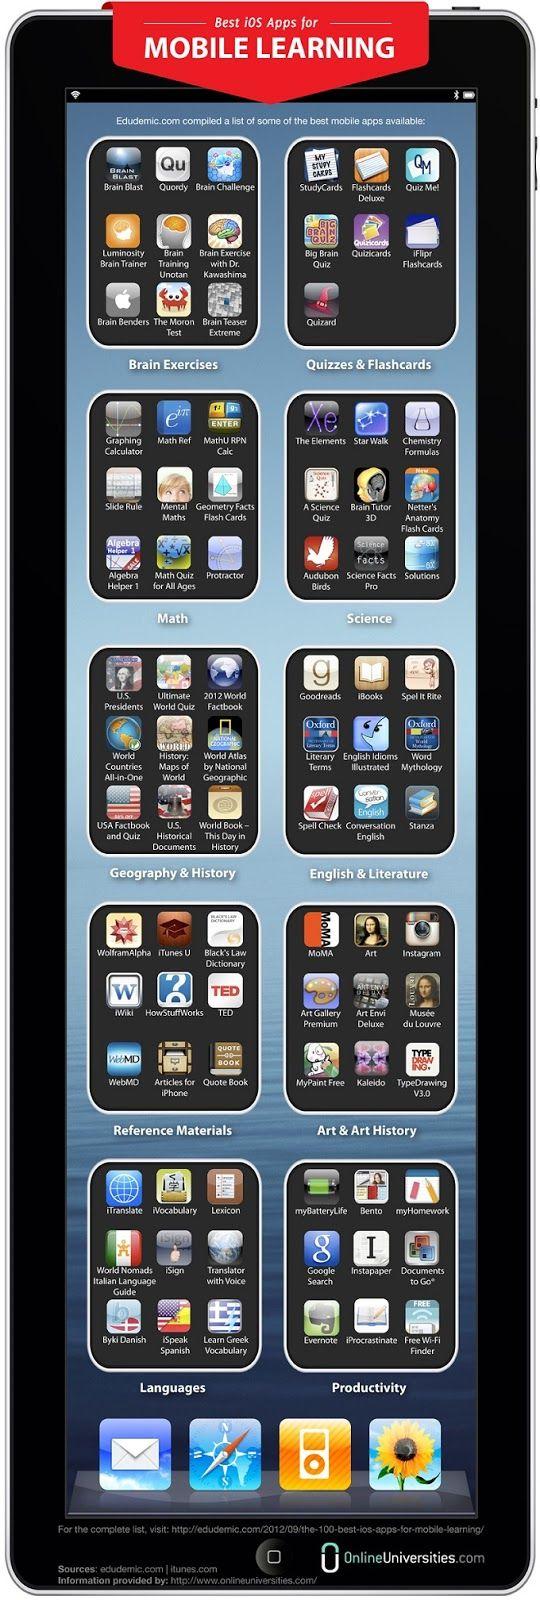 De beste apps voor mobiel leren [INFOGRAPHIC] | iDevizes